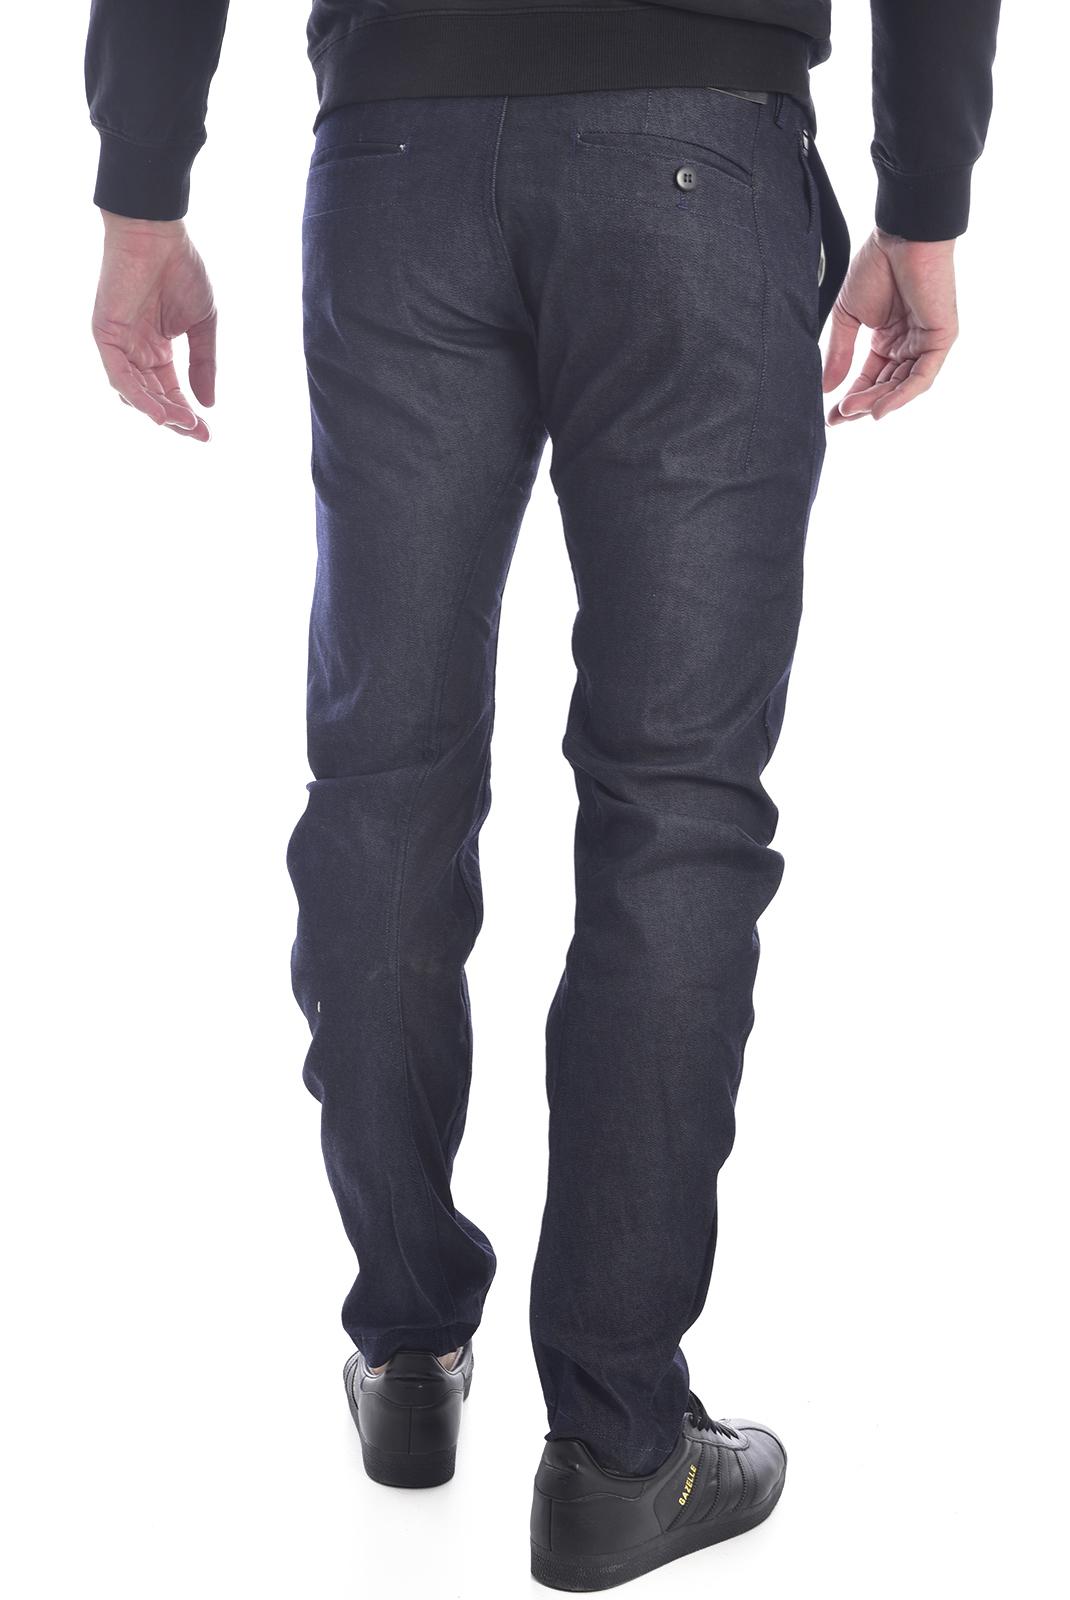 Jeans  G-star 81951E-3147-001 valdo bleu